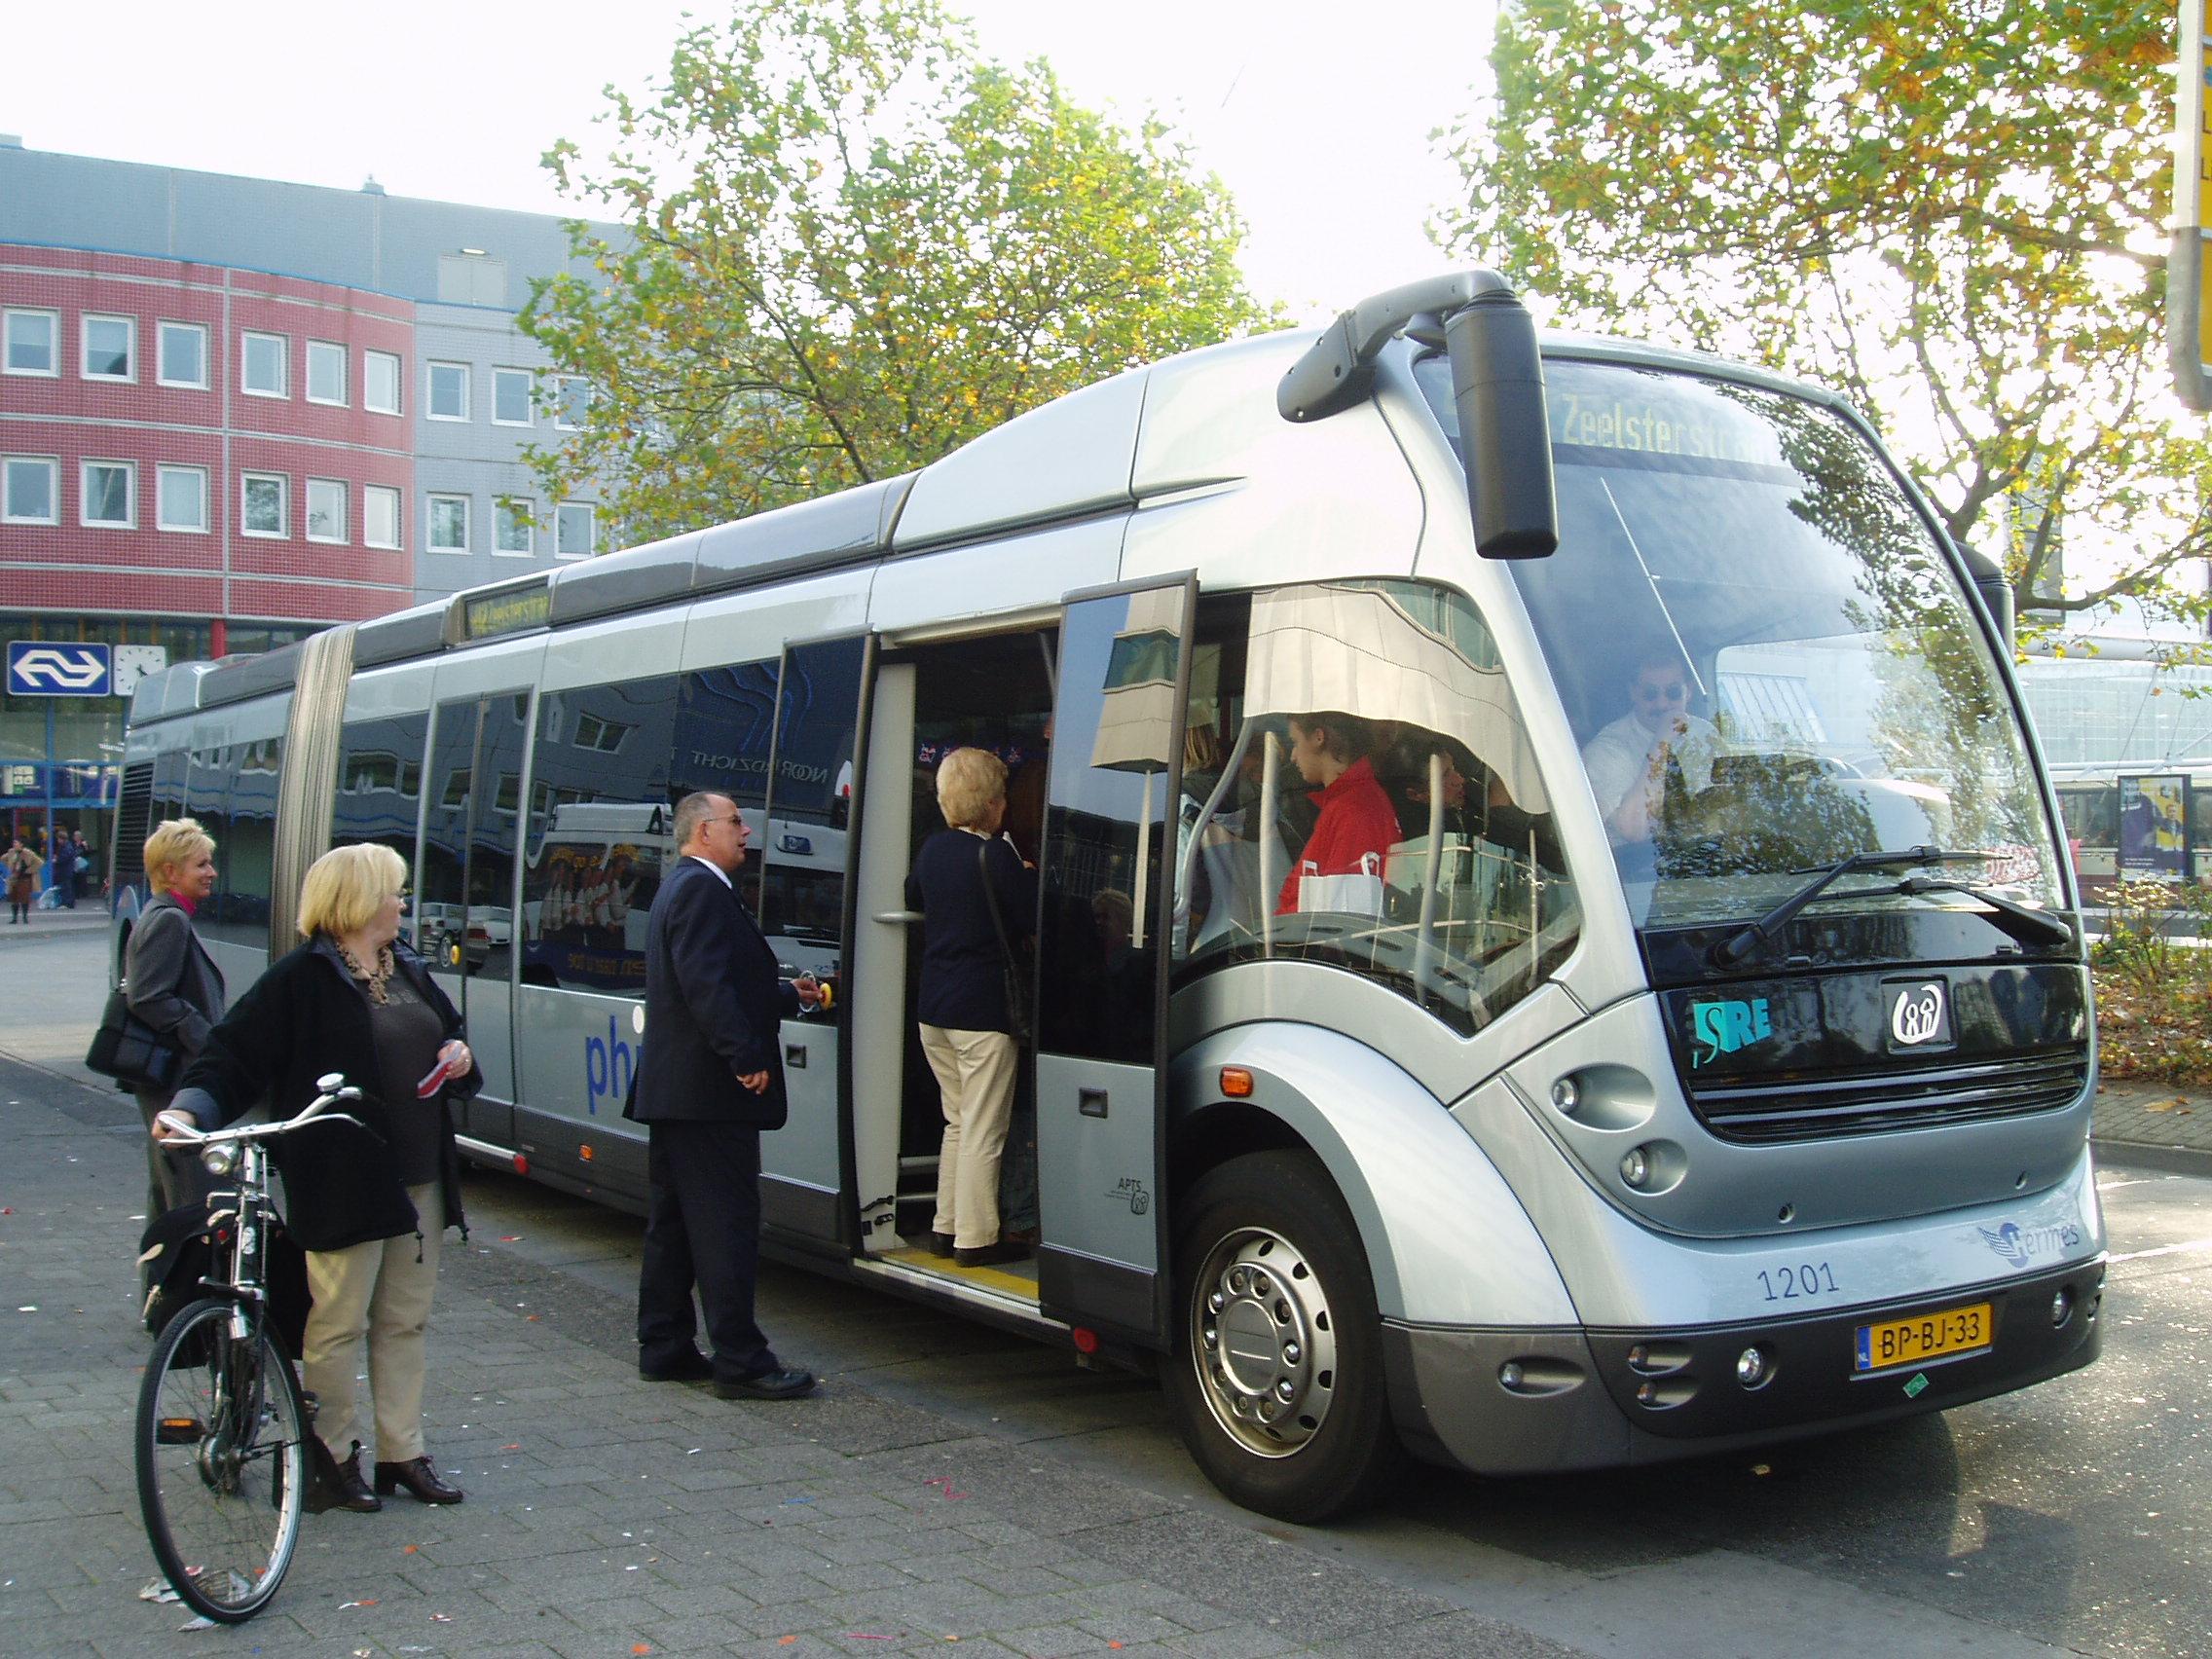 автобус в Голландии